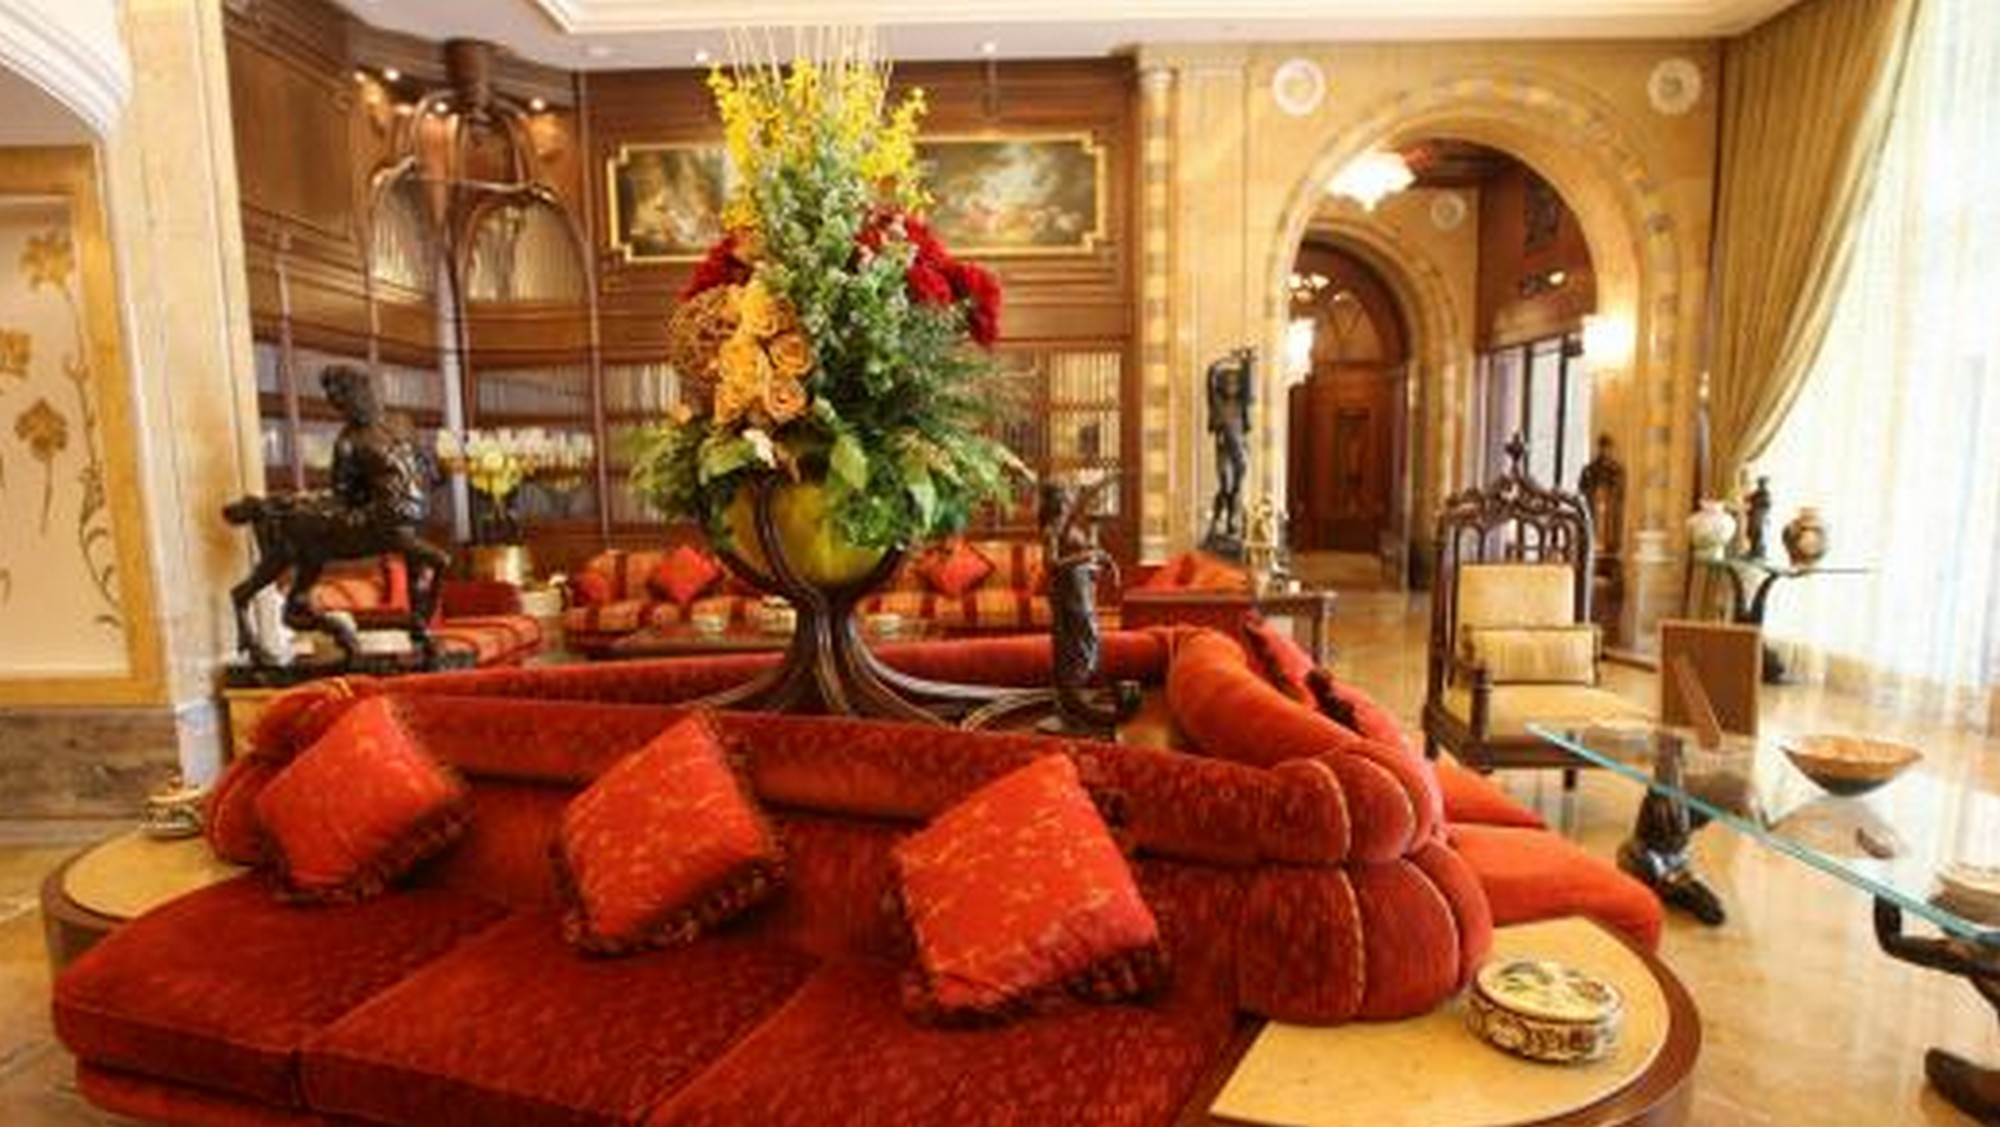 La suite pi grande del mondo ha sei piani m2 di for Piani di aggiunta suite suocera